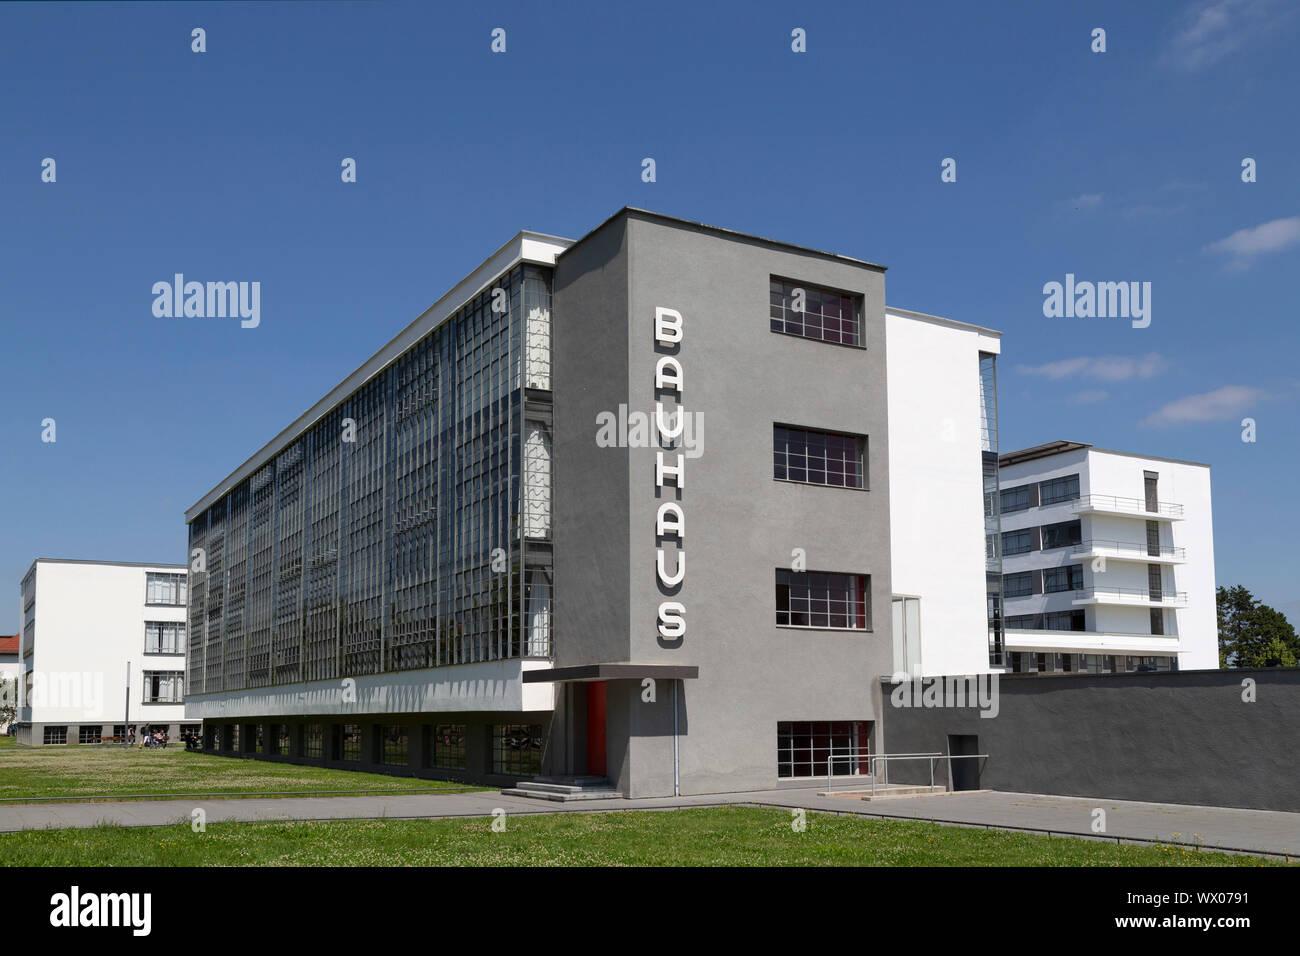 Walter Gropius Bauhaus Building In Dessau Stock Photos